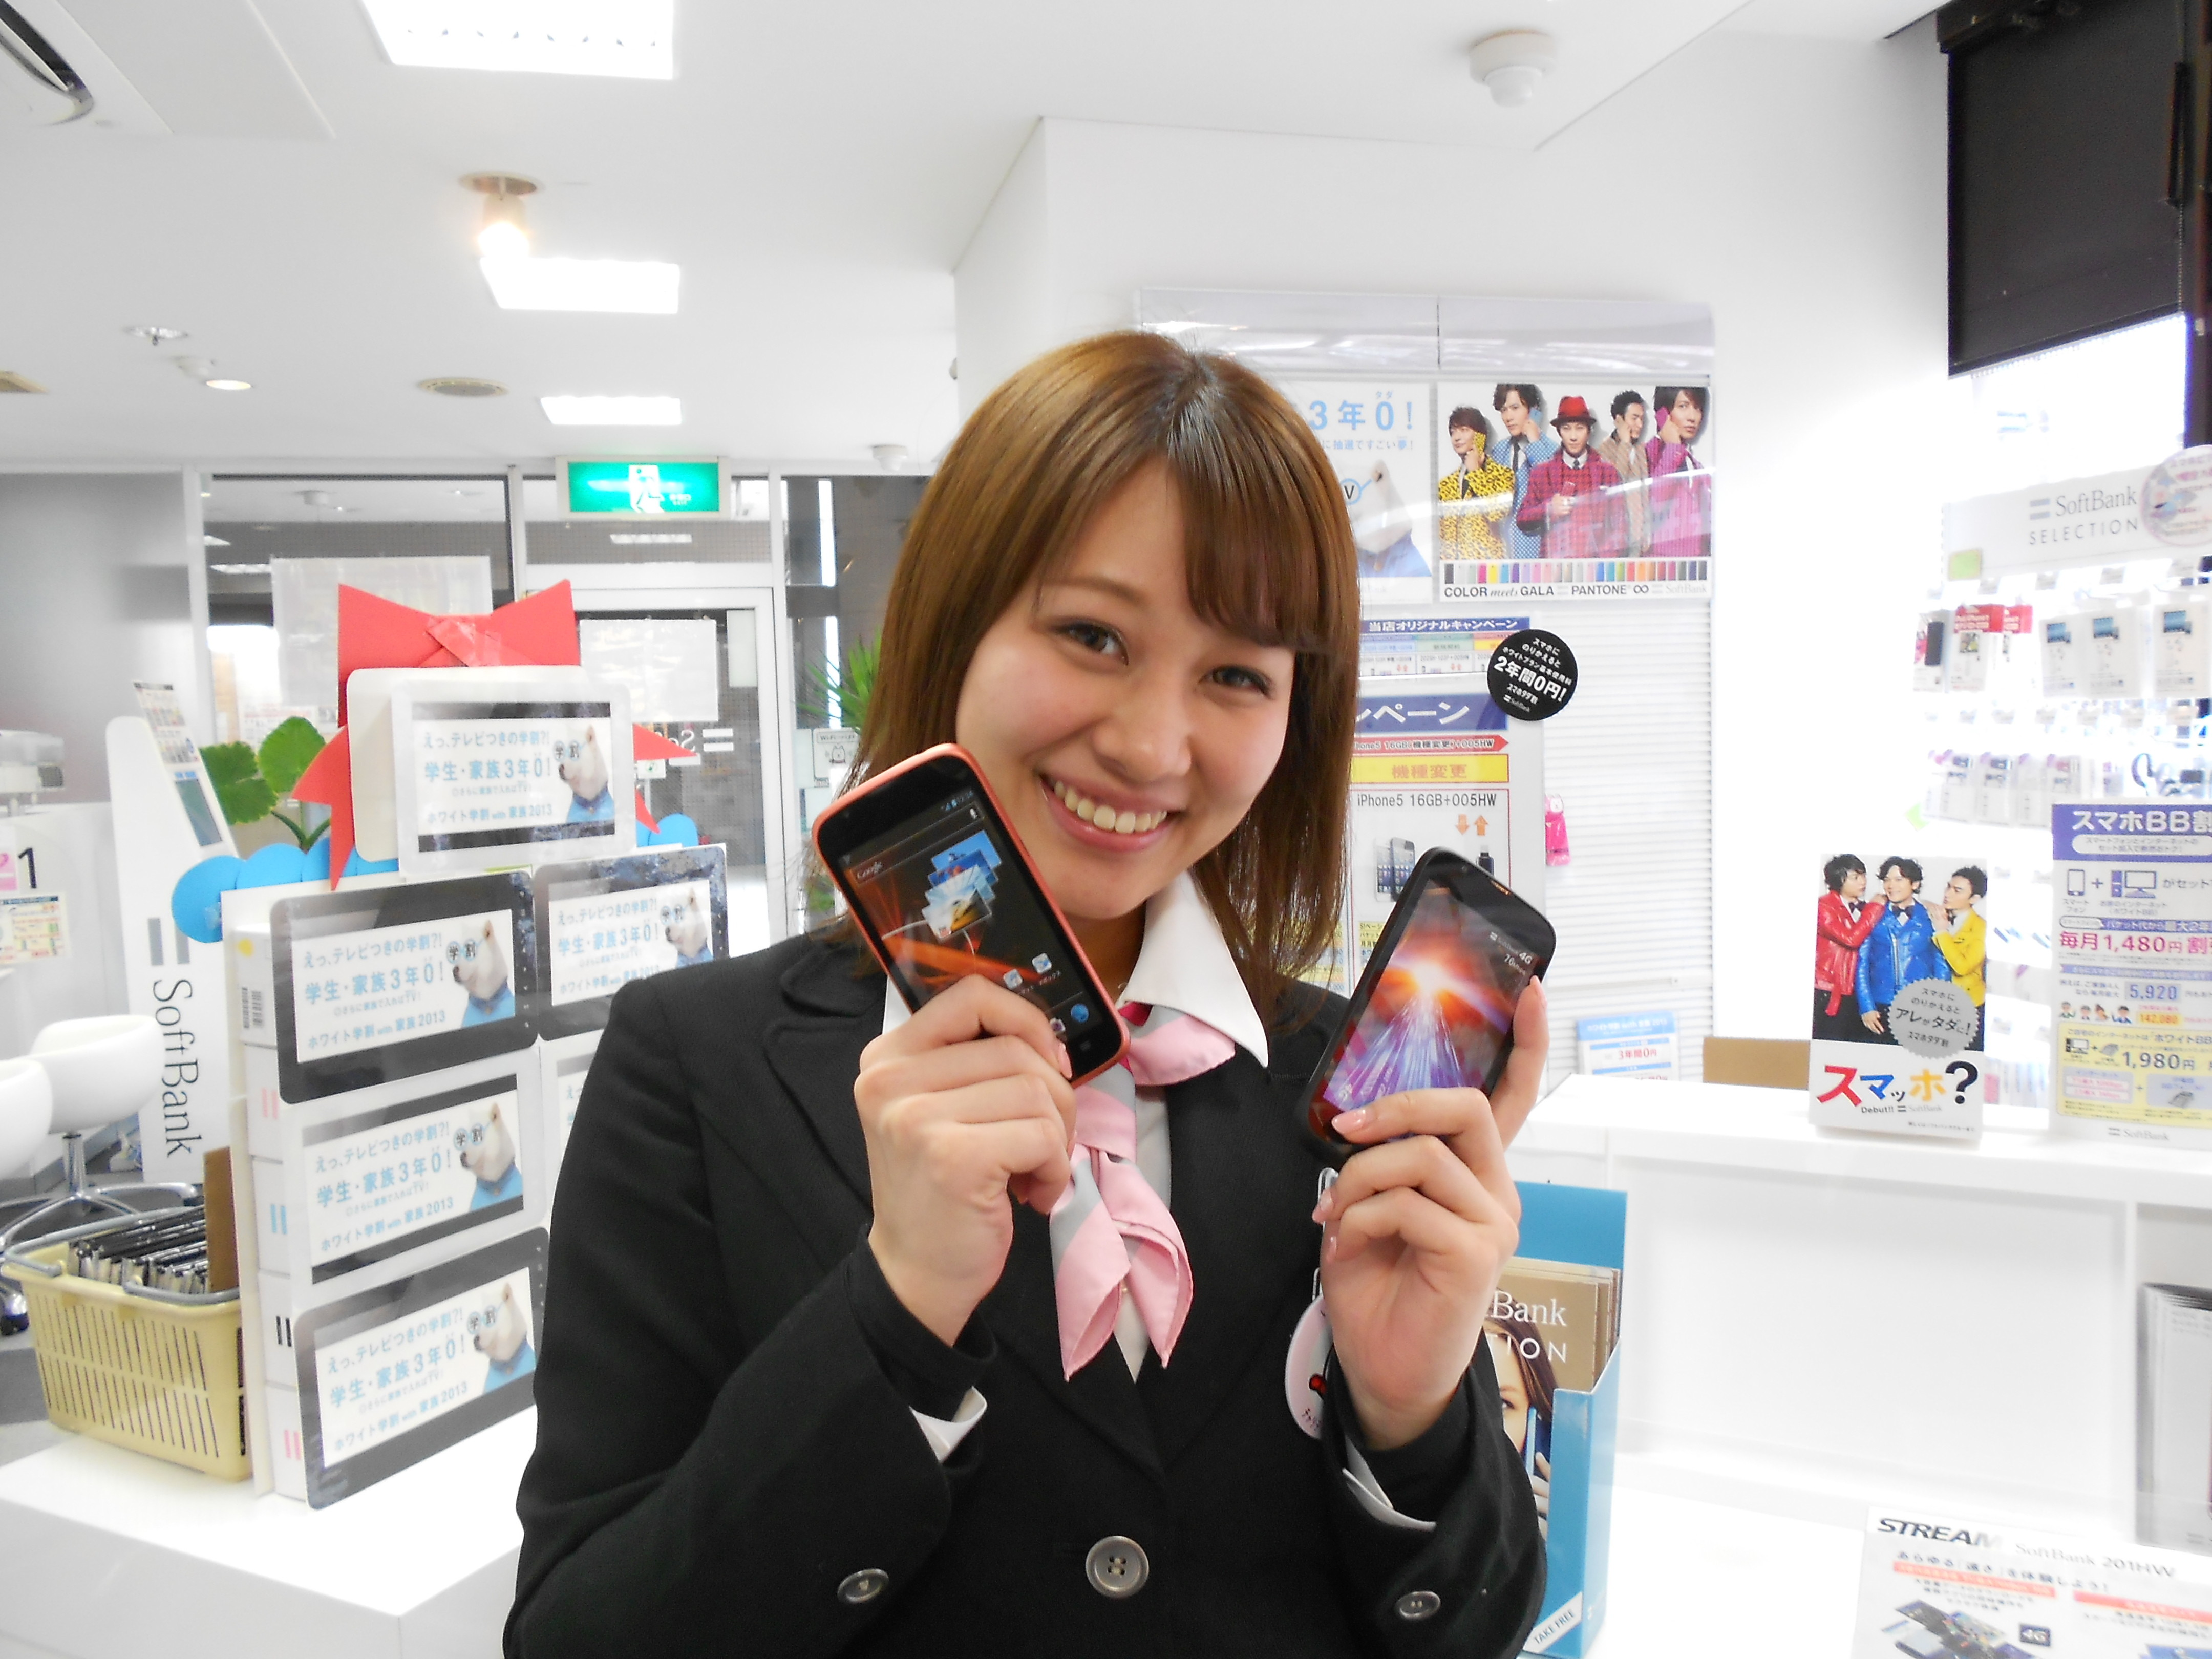 ワイモバイル 武蔵小金井(株式会社シエロ)のアルバイト情報